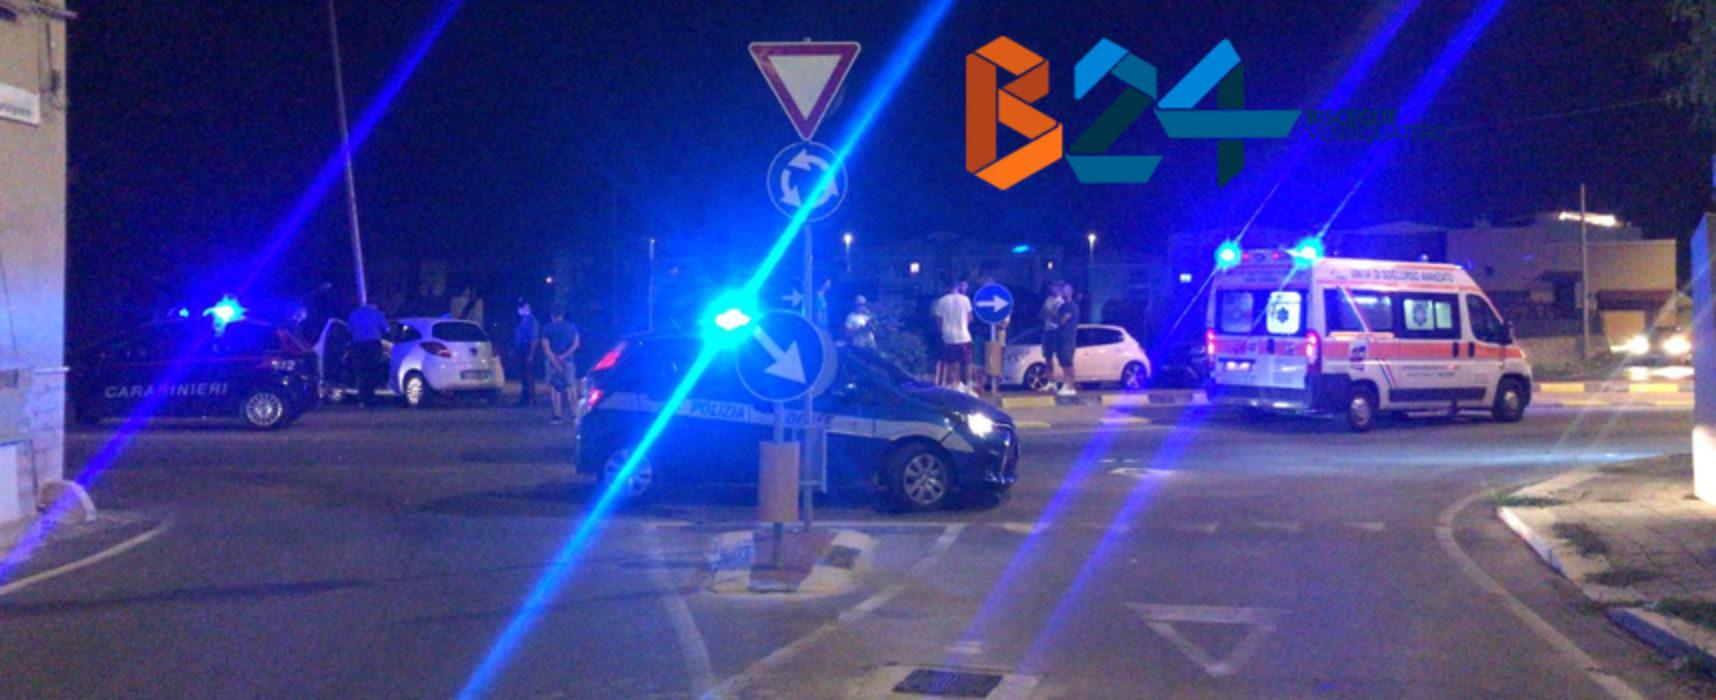 Incidente all'imbocco della Sp 13, feriti 4 calciatori della Fidelis Andria